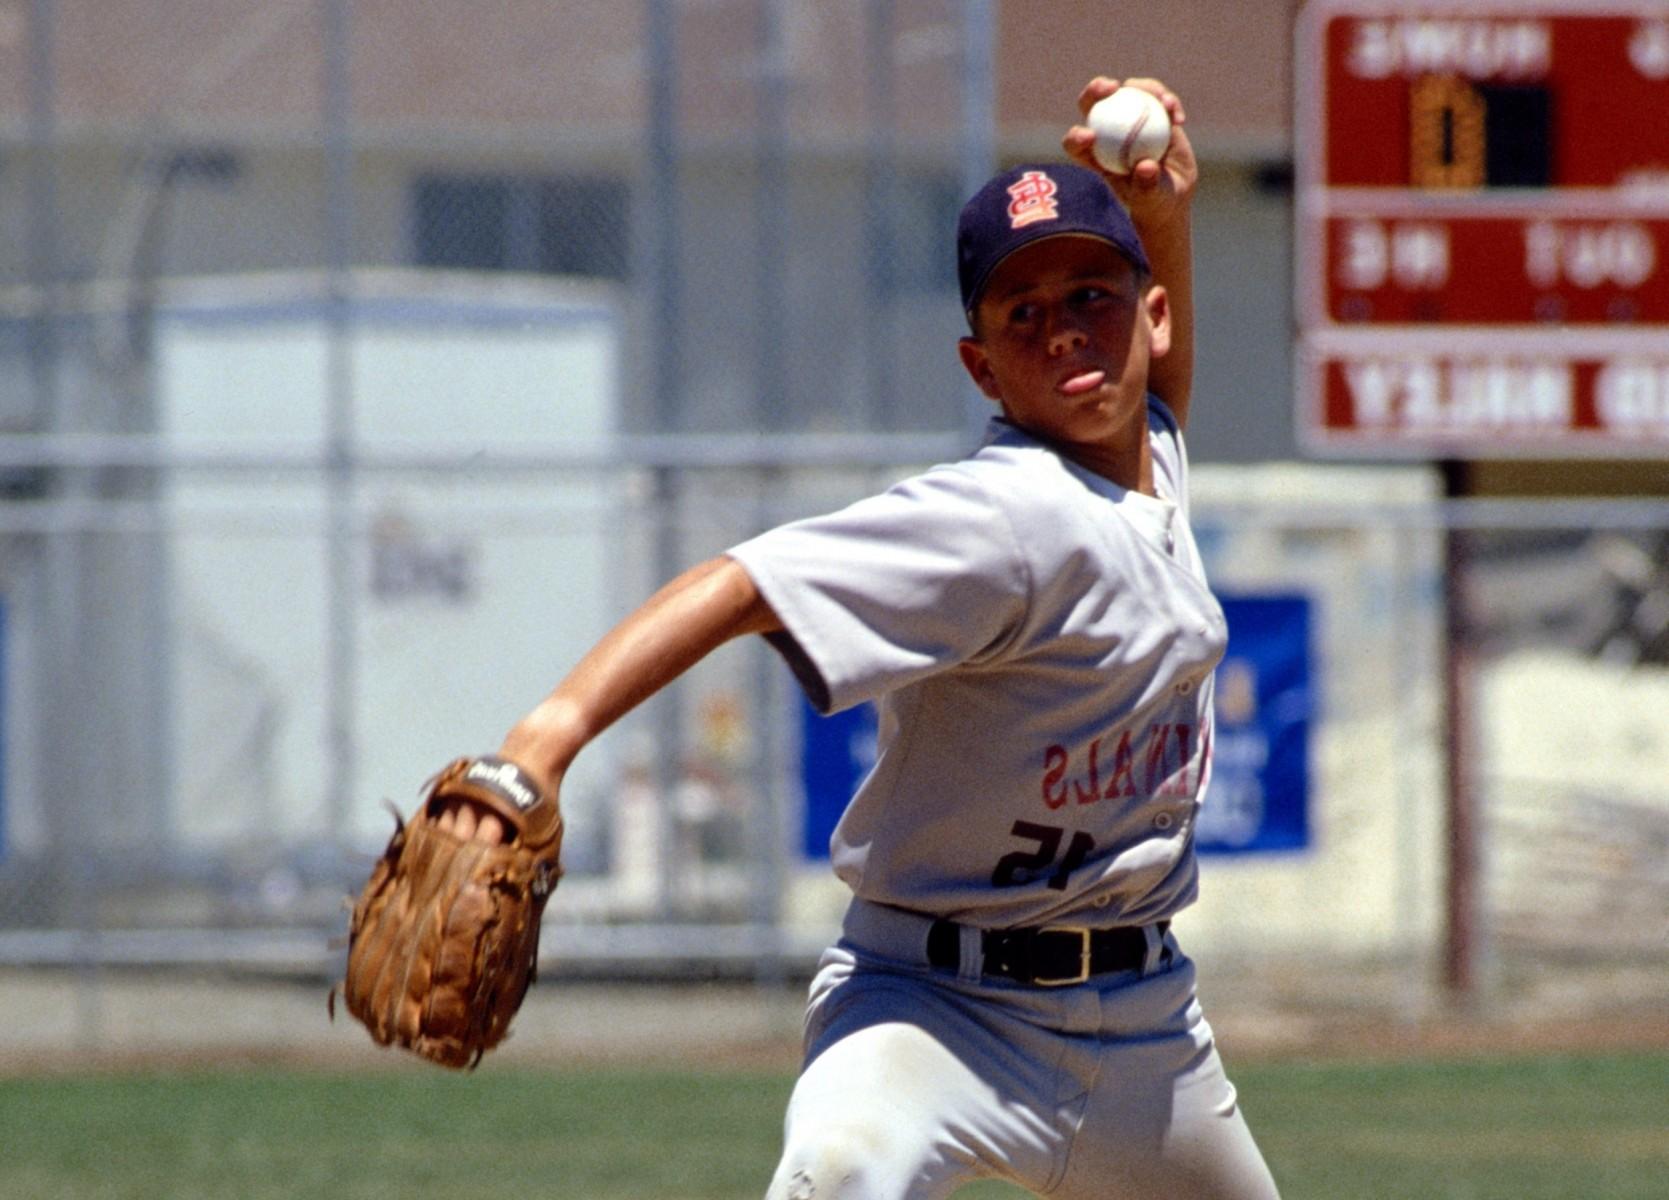 Baseball injuries and teens